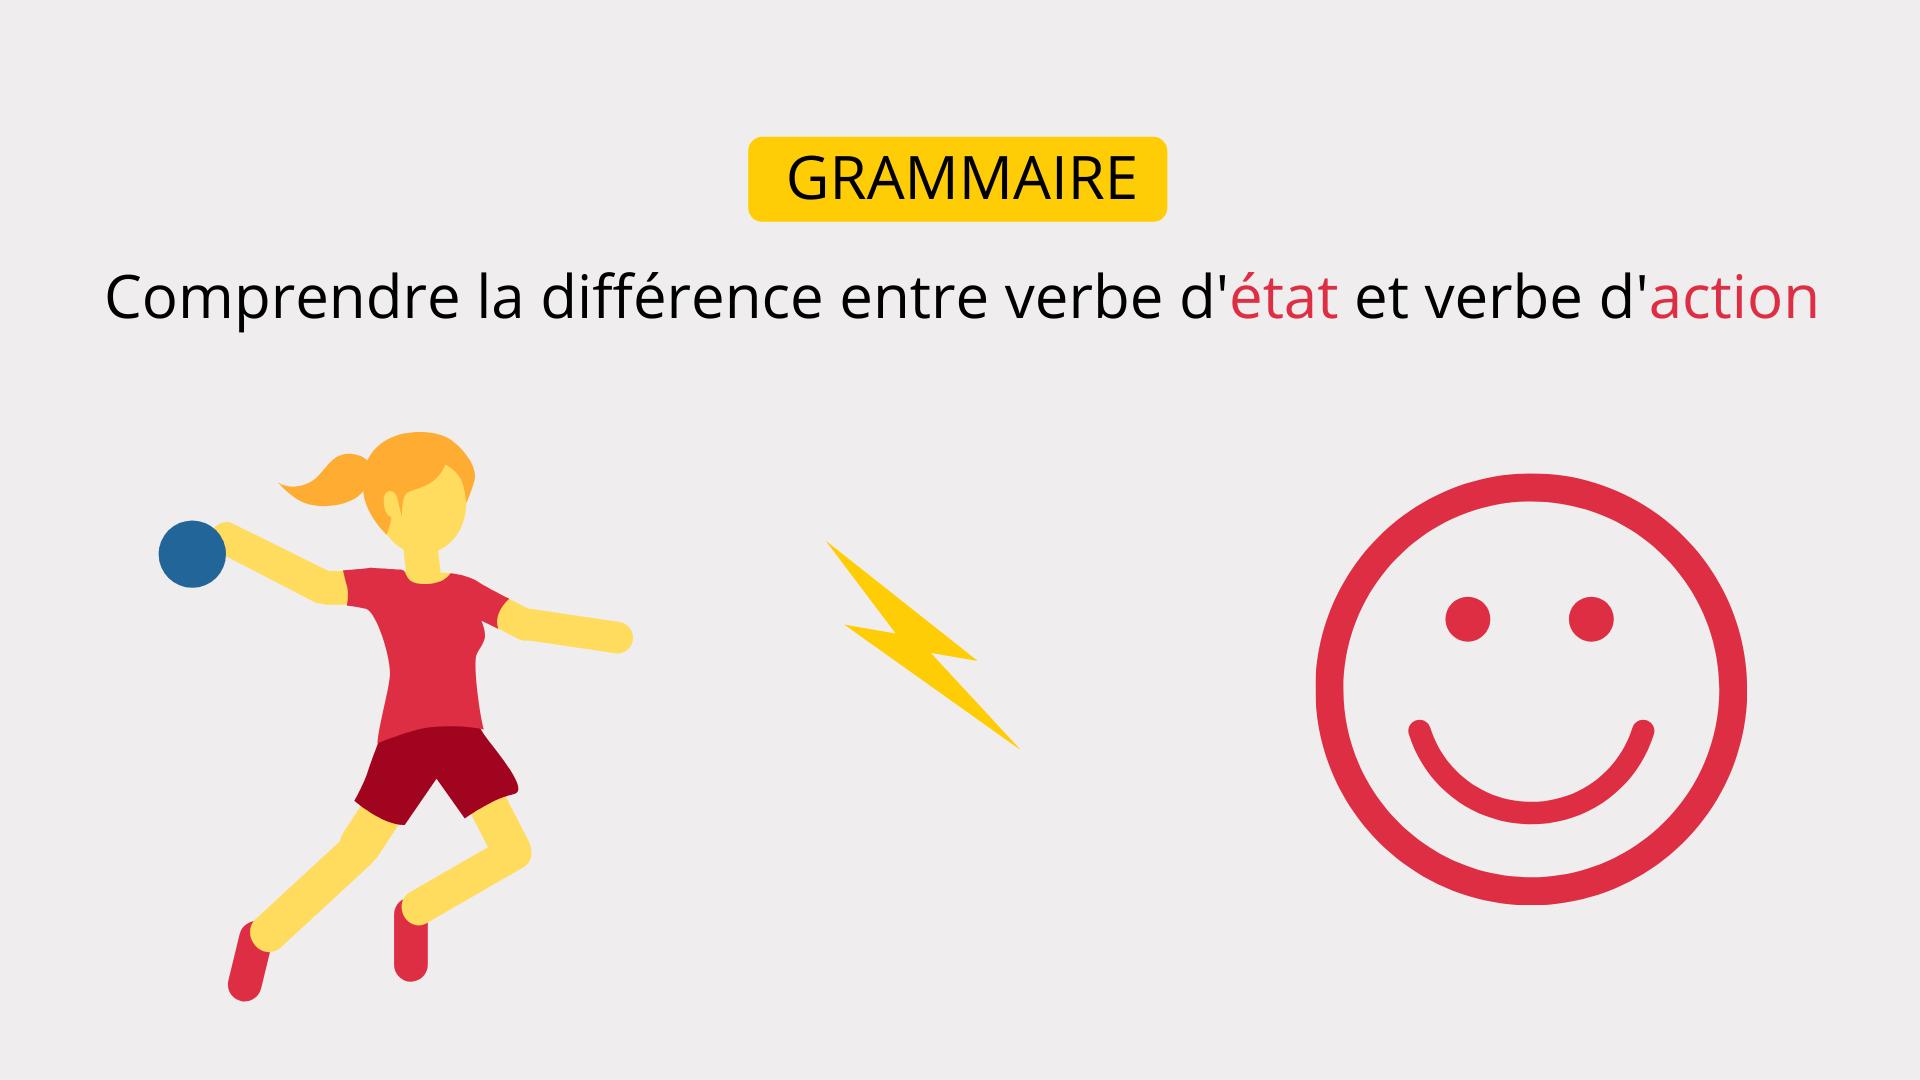 Grammaire Comprendre La Difference Entre Verbe D Etat Et Verbe D Action Apprendre Reviser Memoriser